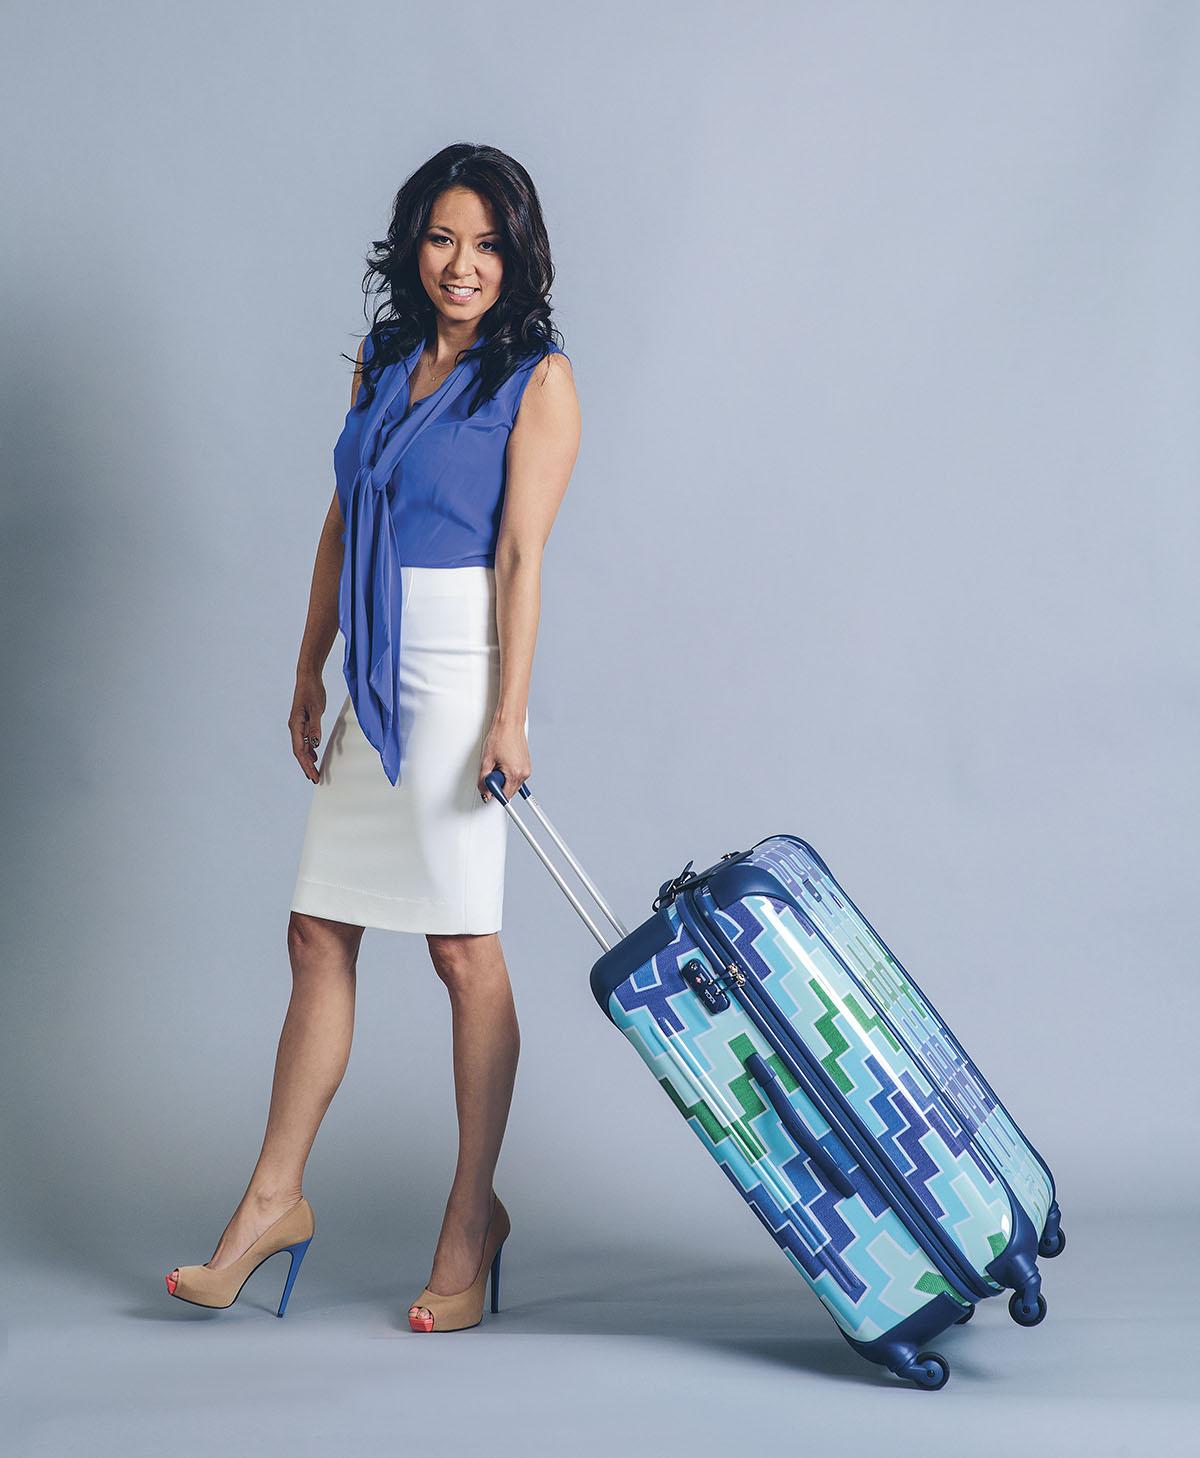 Jonathan Adler Traveler Suitcase